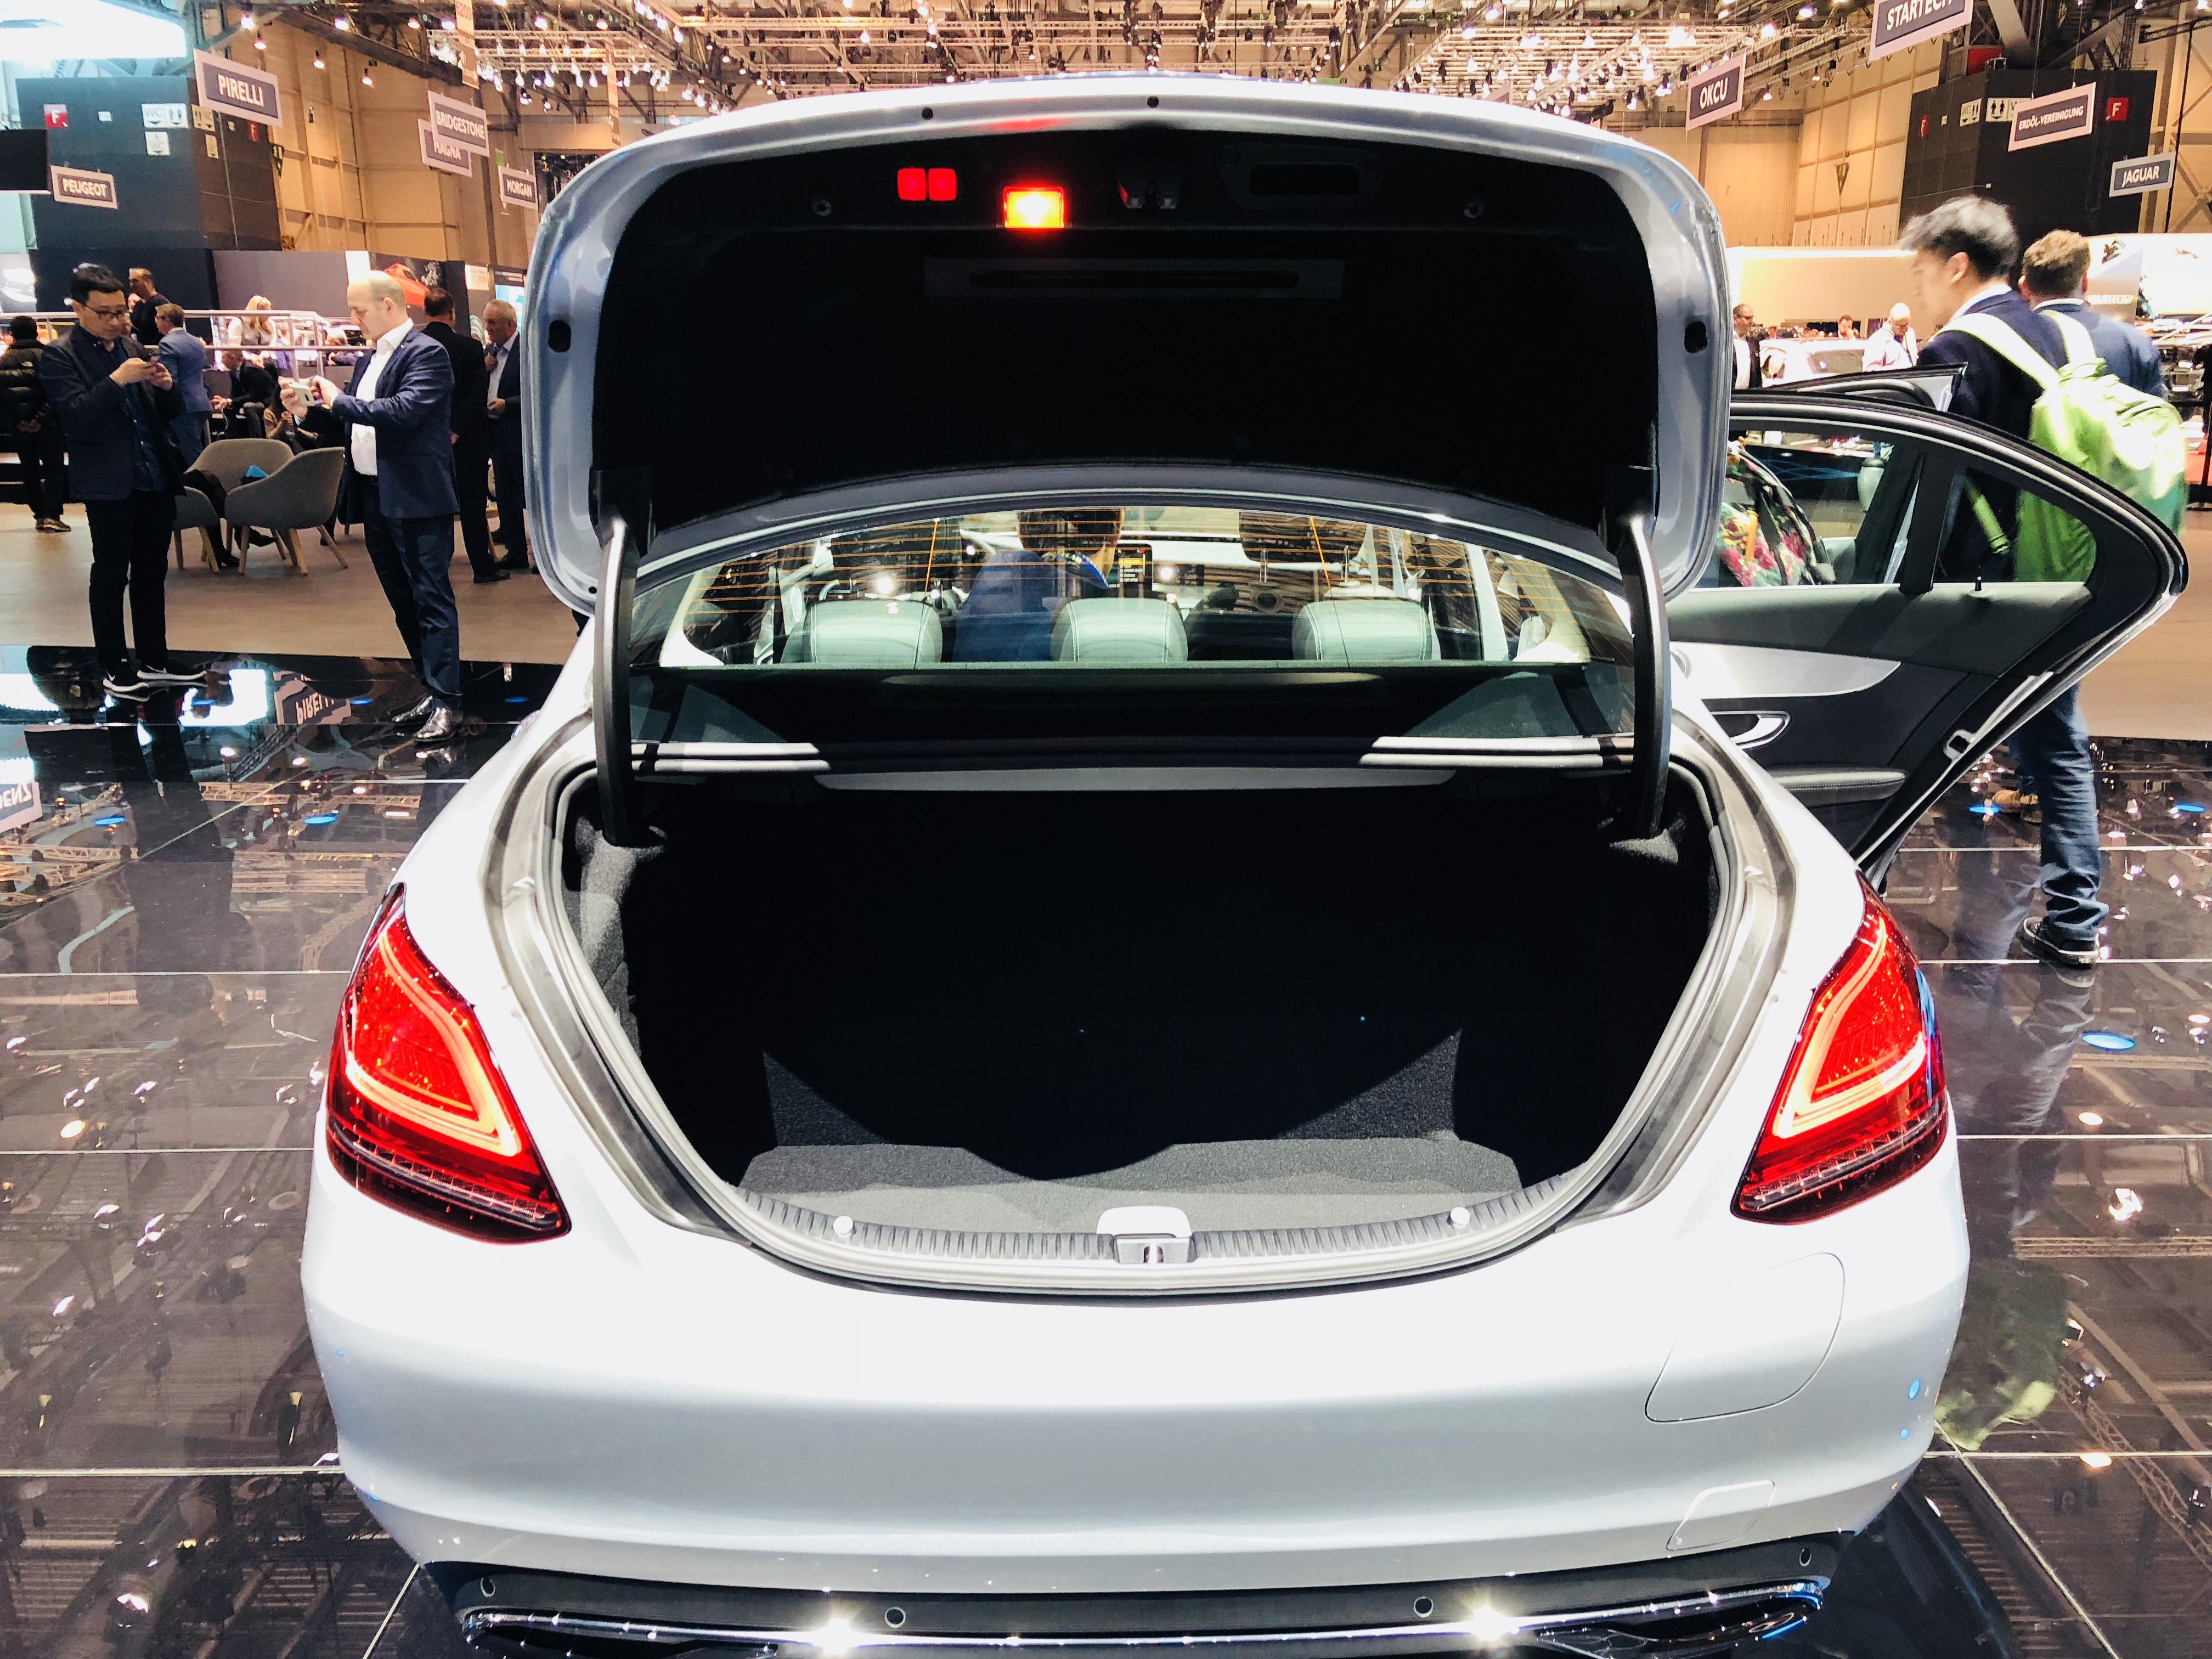 3系的处境更尴尬了 新款奔驰C级轿车首发